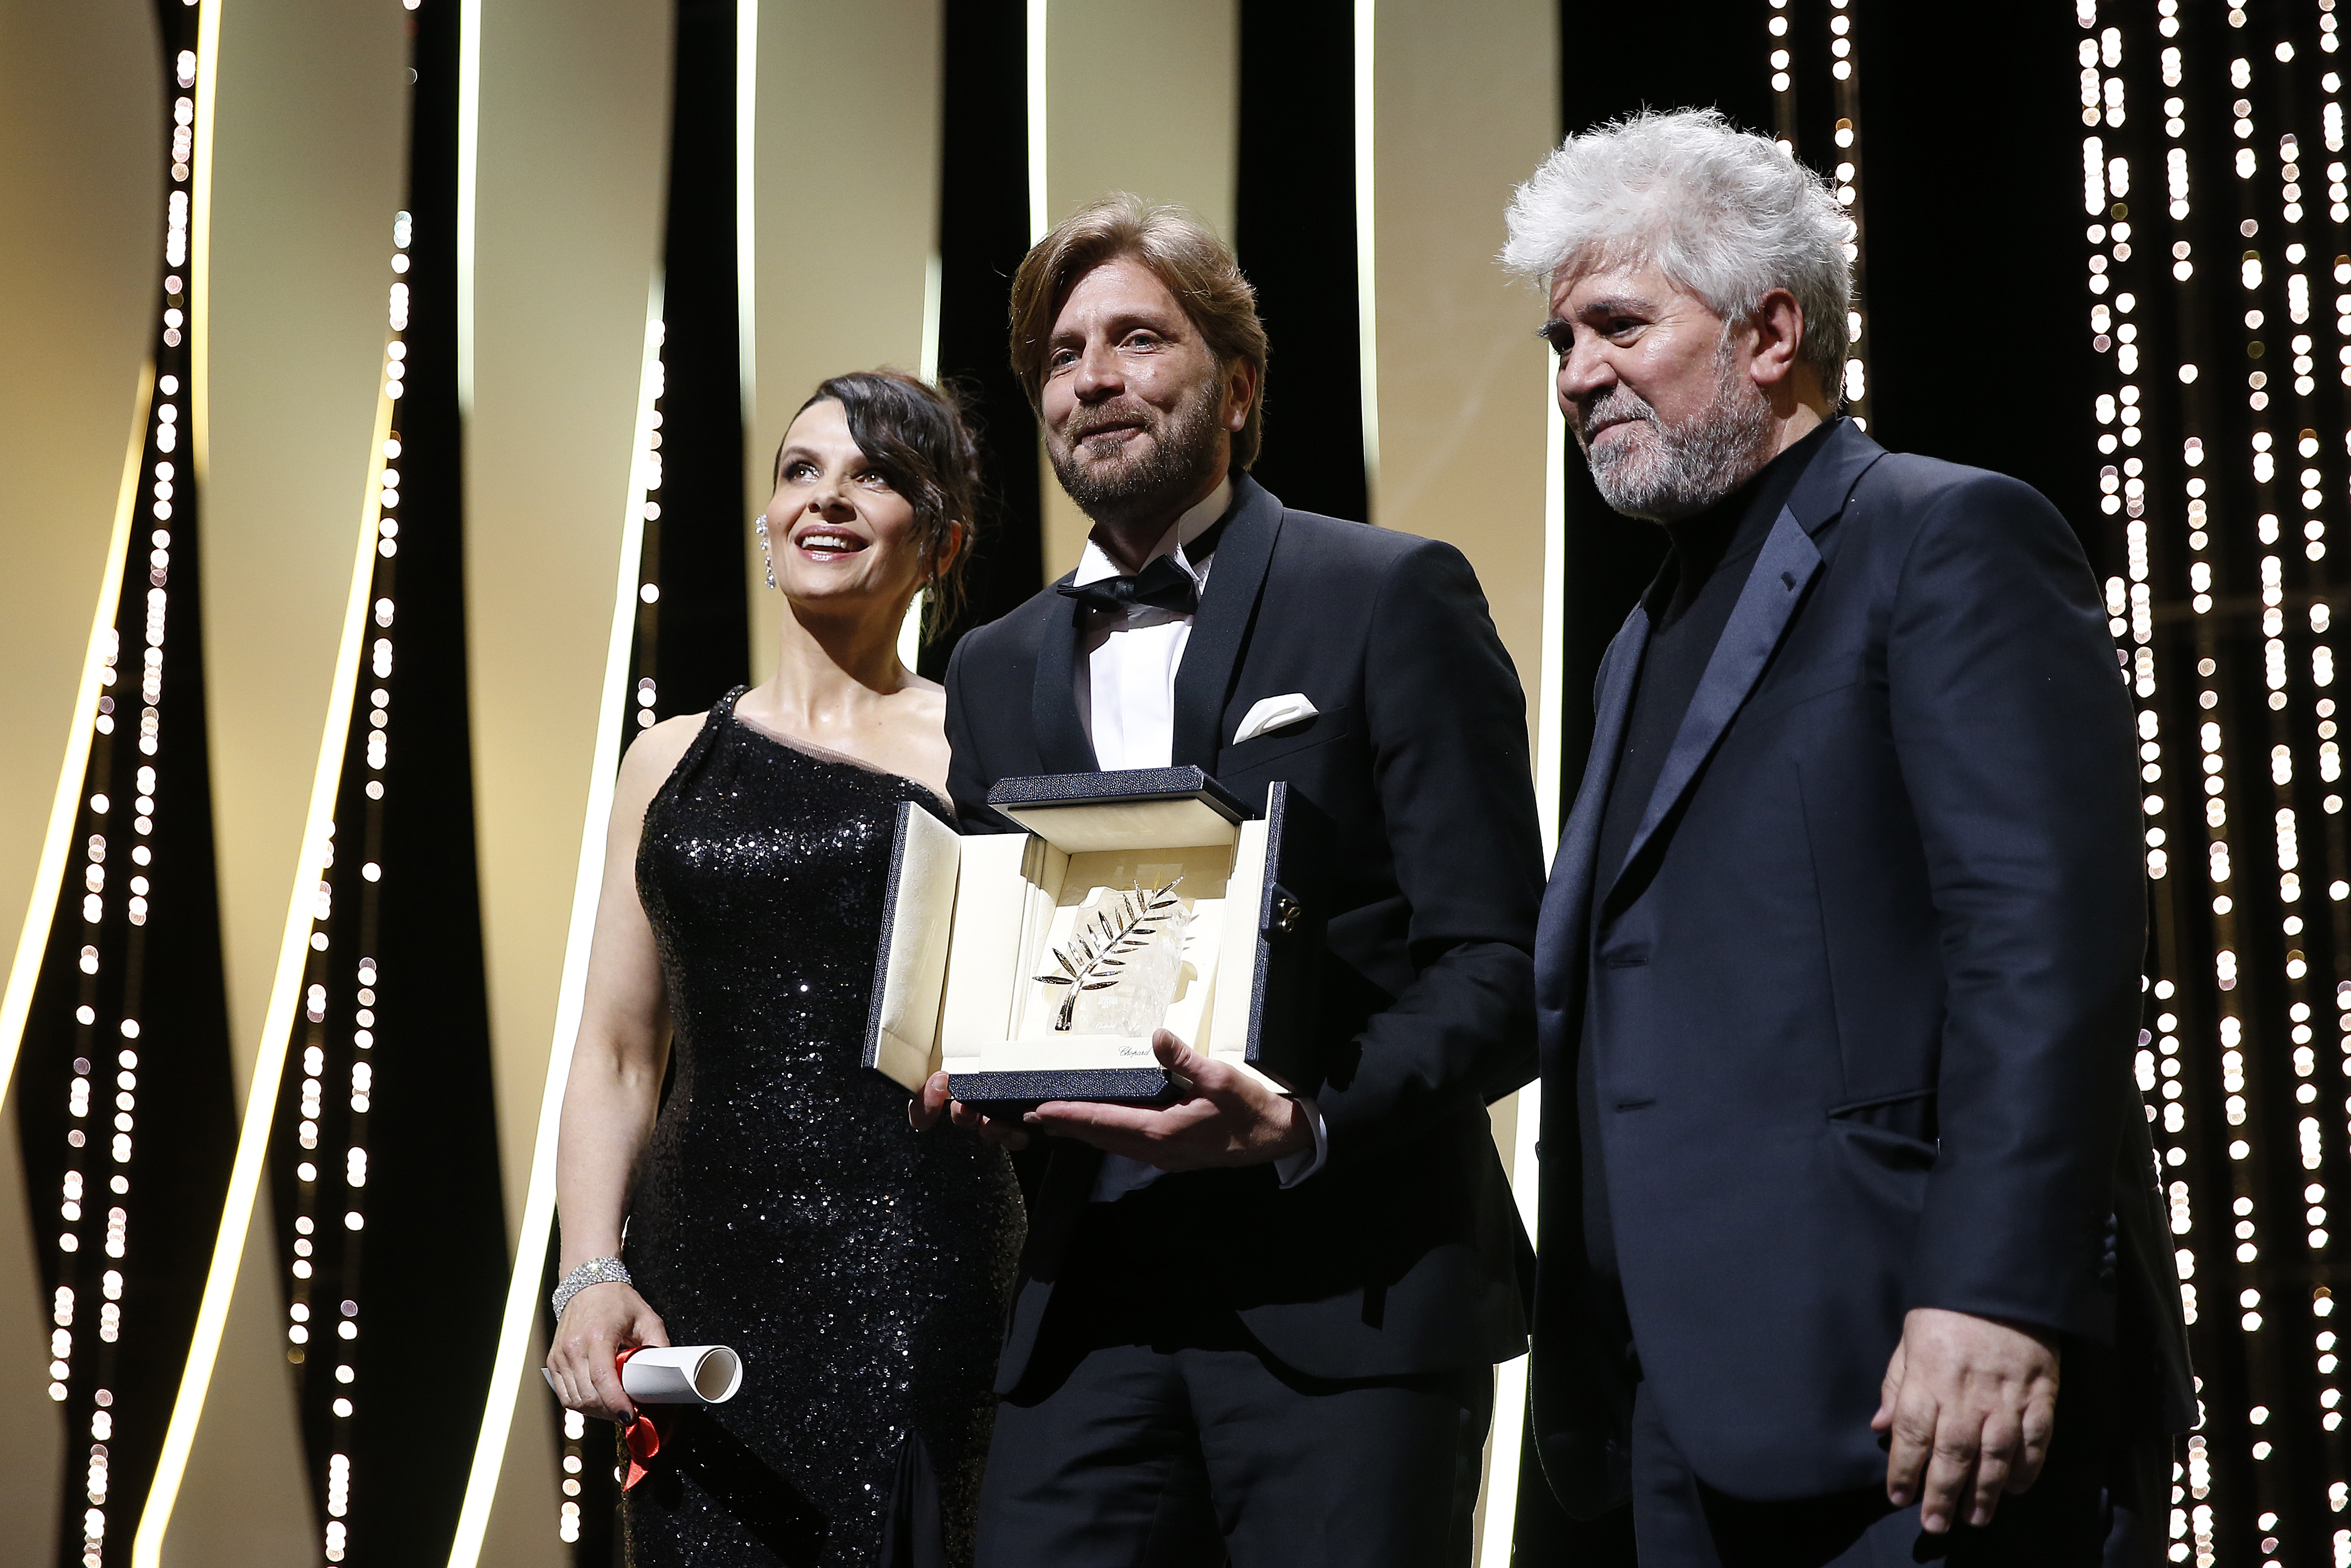 Звягицев получил приз жюри Каннского кинофестиваля зафильм «Нелюбовь»